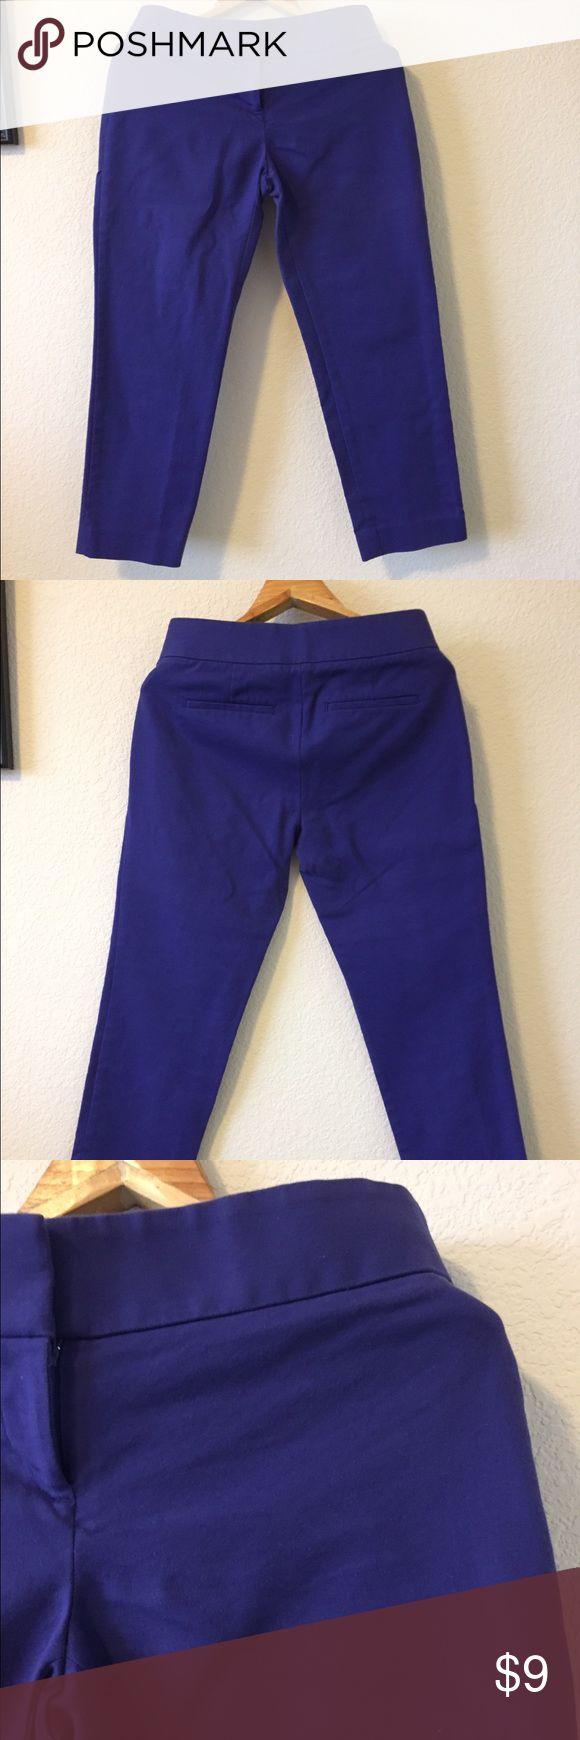 Loft Ann Taylor pant Loft Ann Taylor pant /Excellent condition LOFT Pants